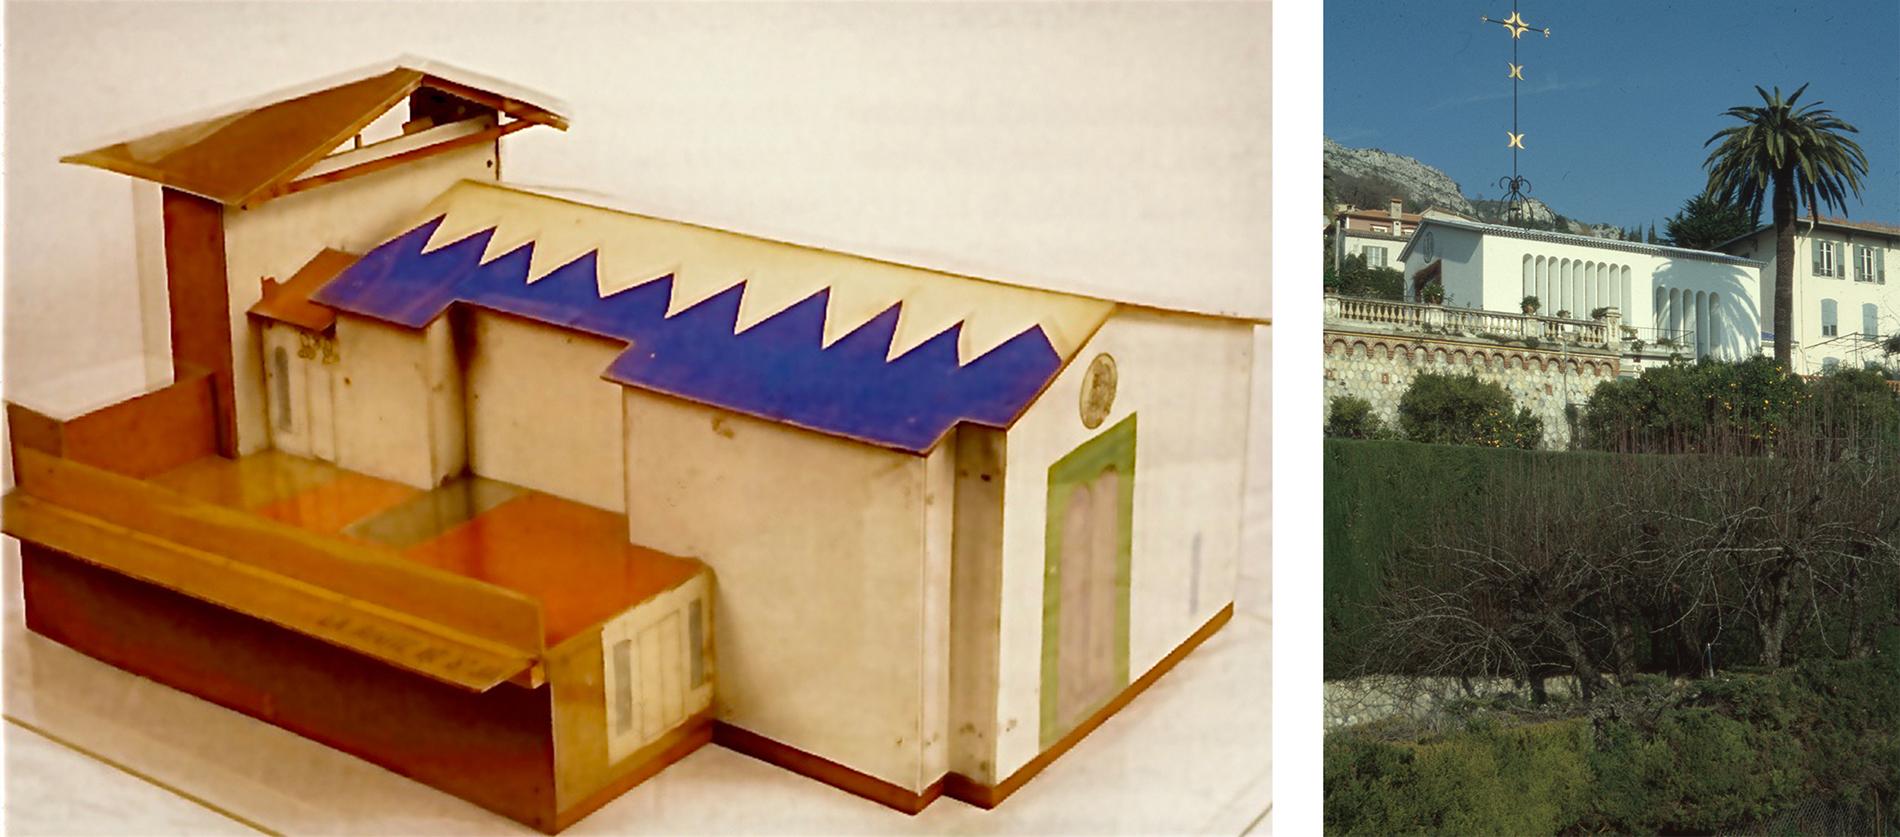 Bild tv: Modell av kapellet. Bild th: Kapellets exteriör. Foton: Olle Svedberg